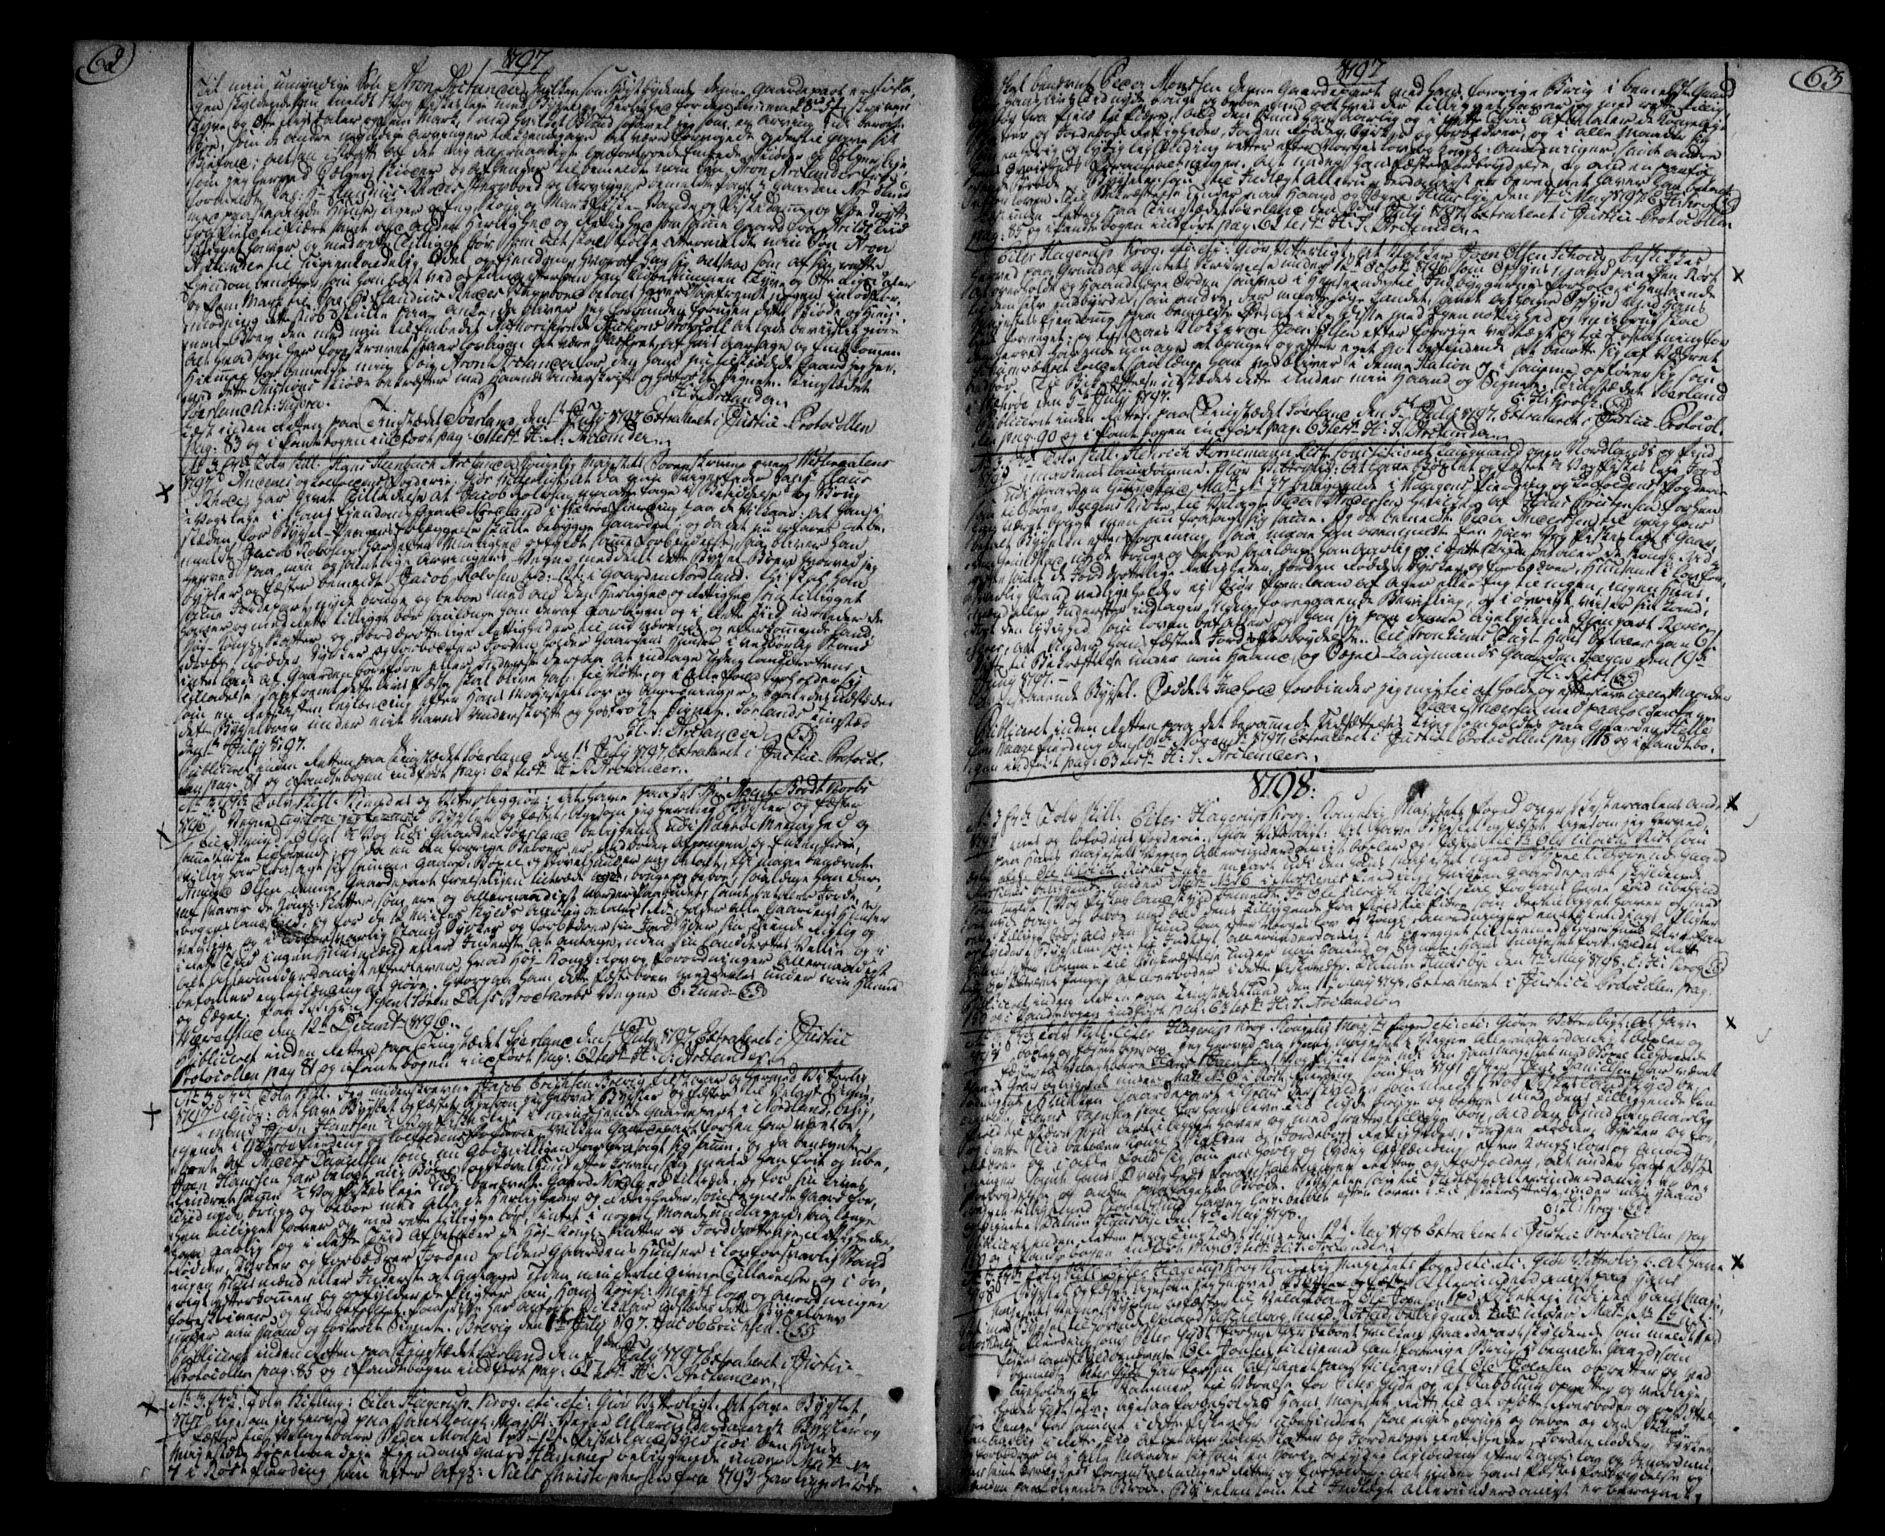 SAT, Vesterålen sorenskriveri, 2/2Ca/L0003: Pantebok nr. C, 1796-1807, s. 62-63